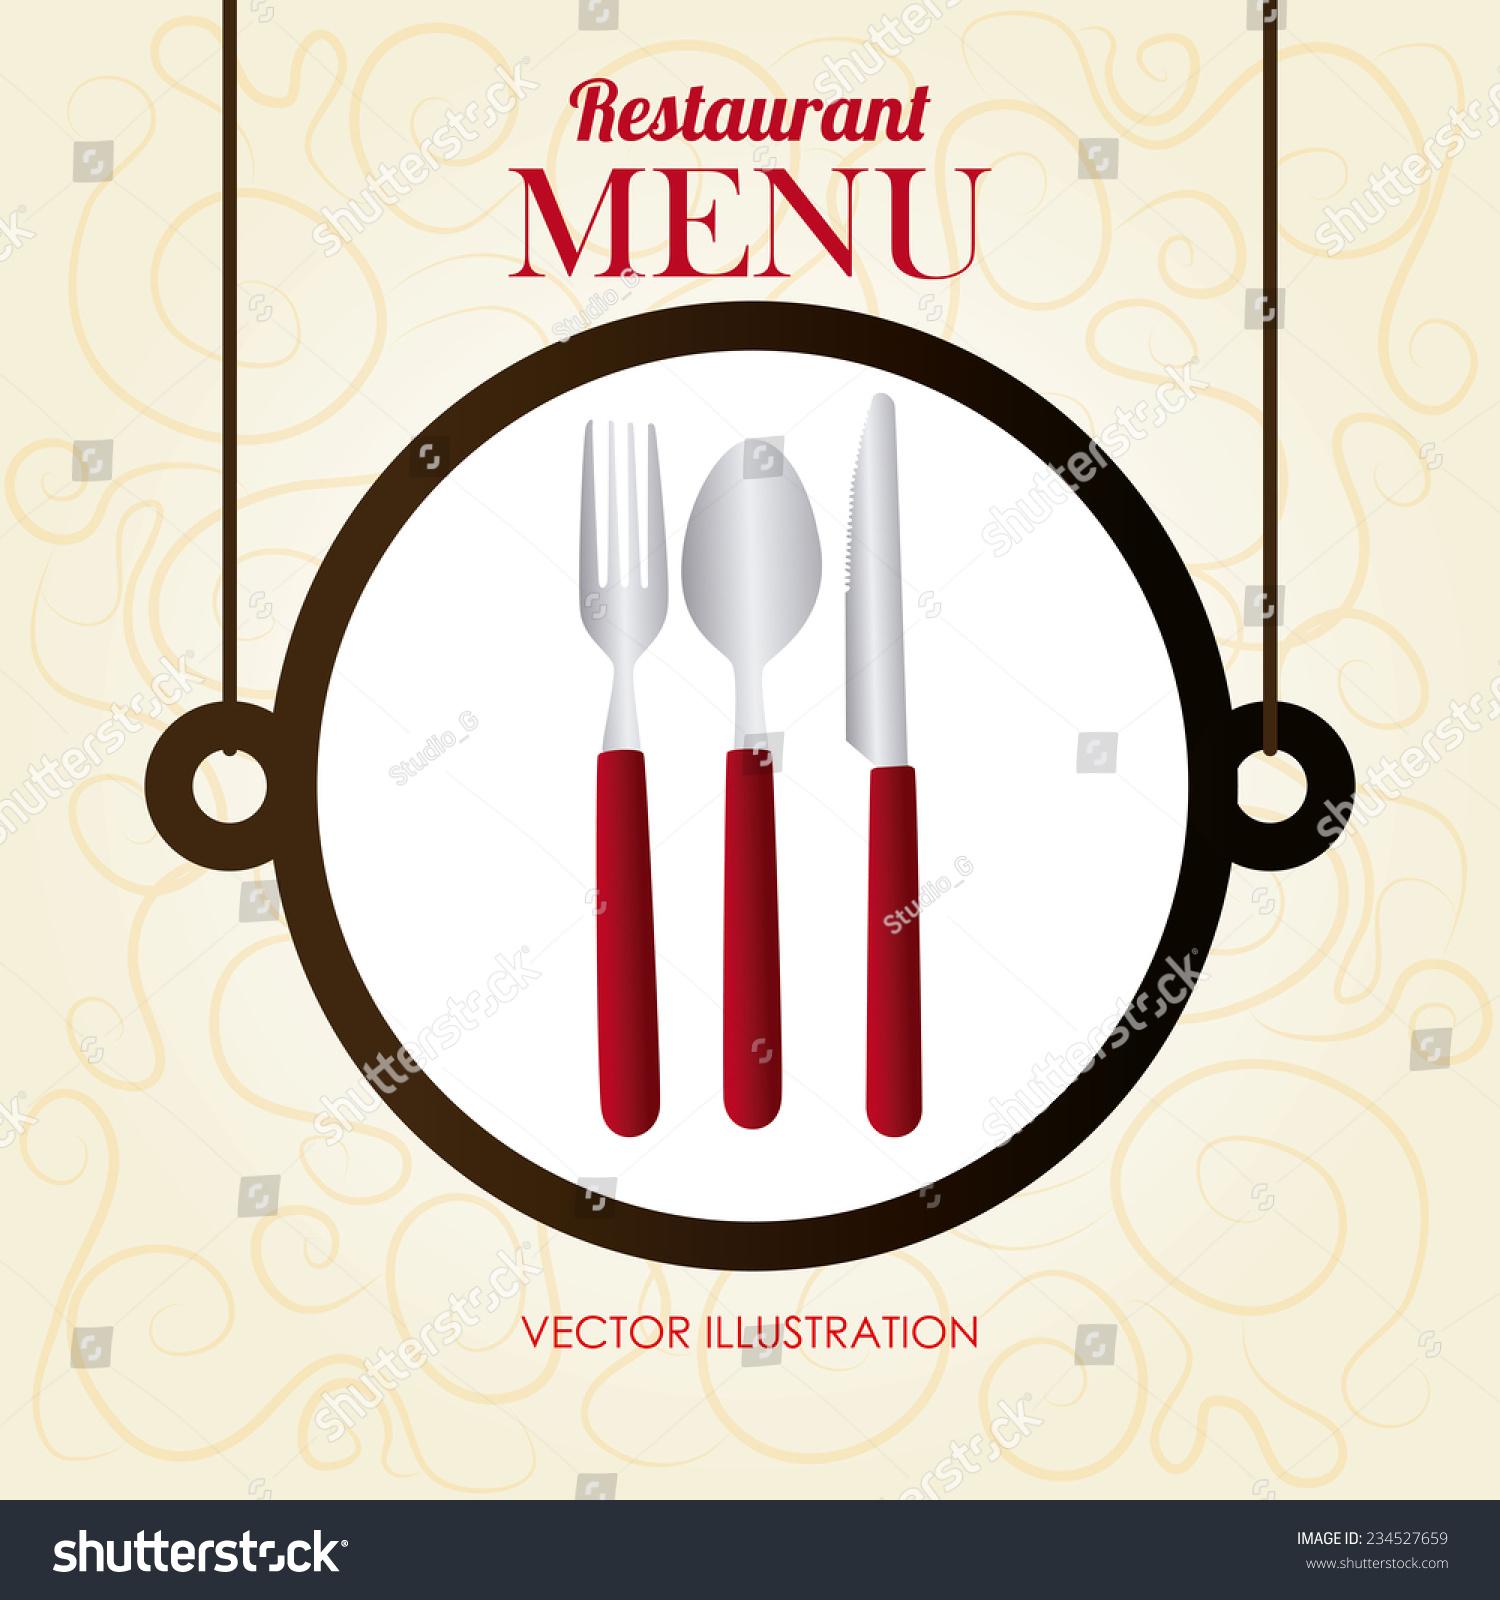 restaurant design over beige background vector stock vector